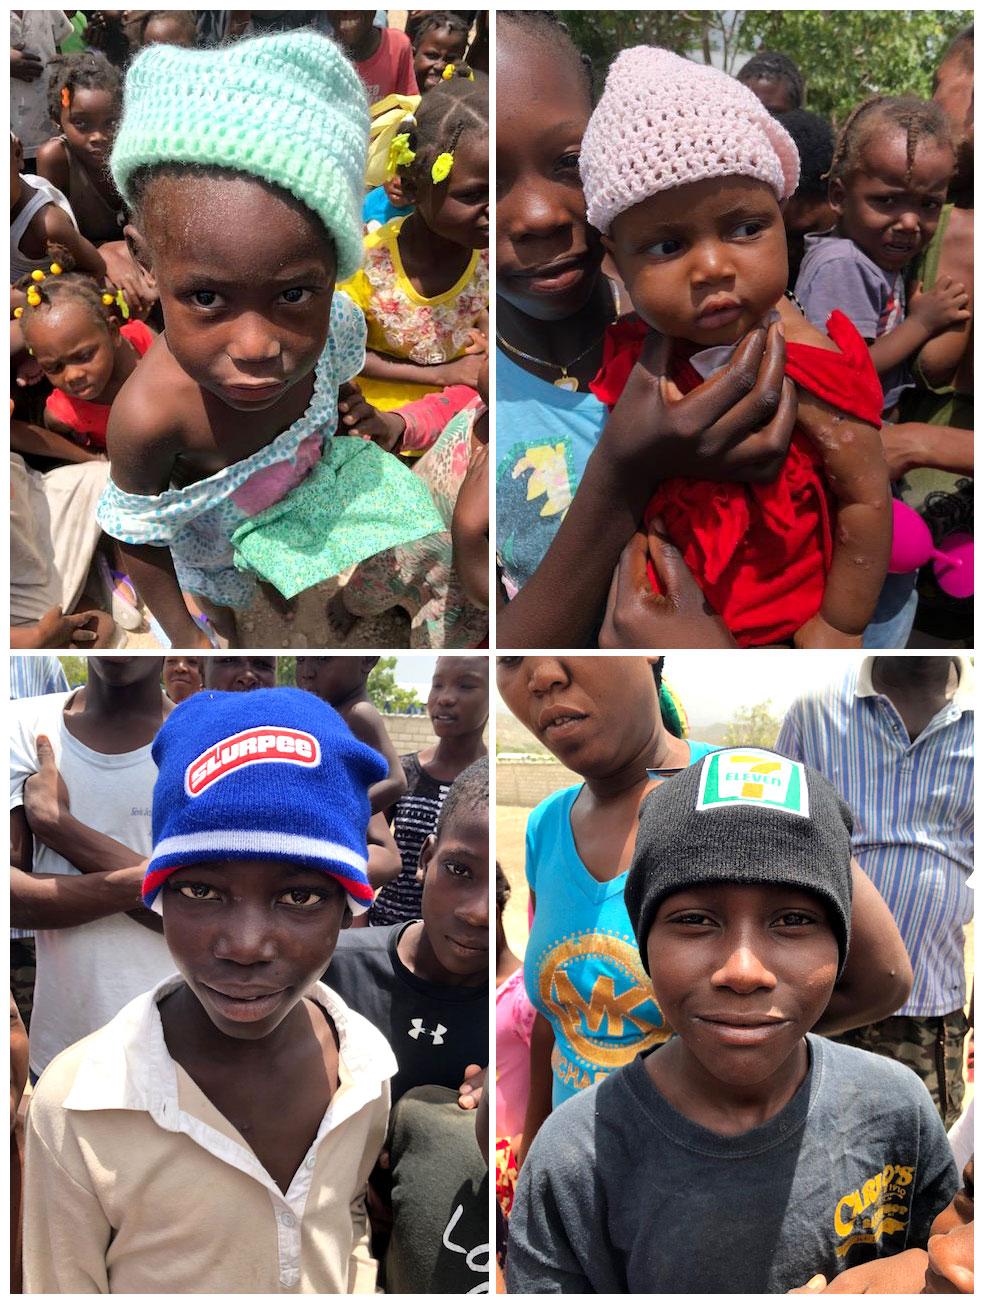 Handmade Hats for Children